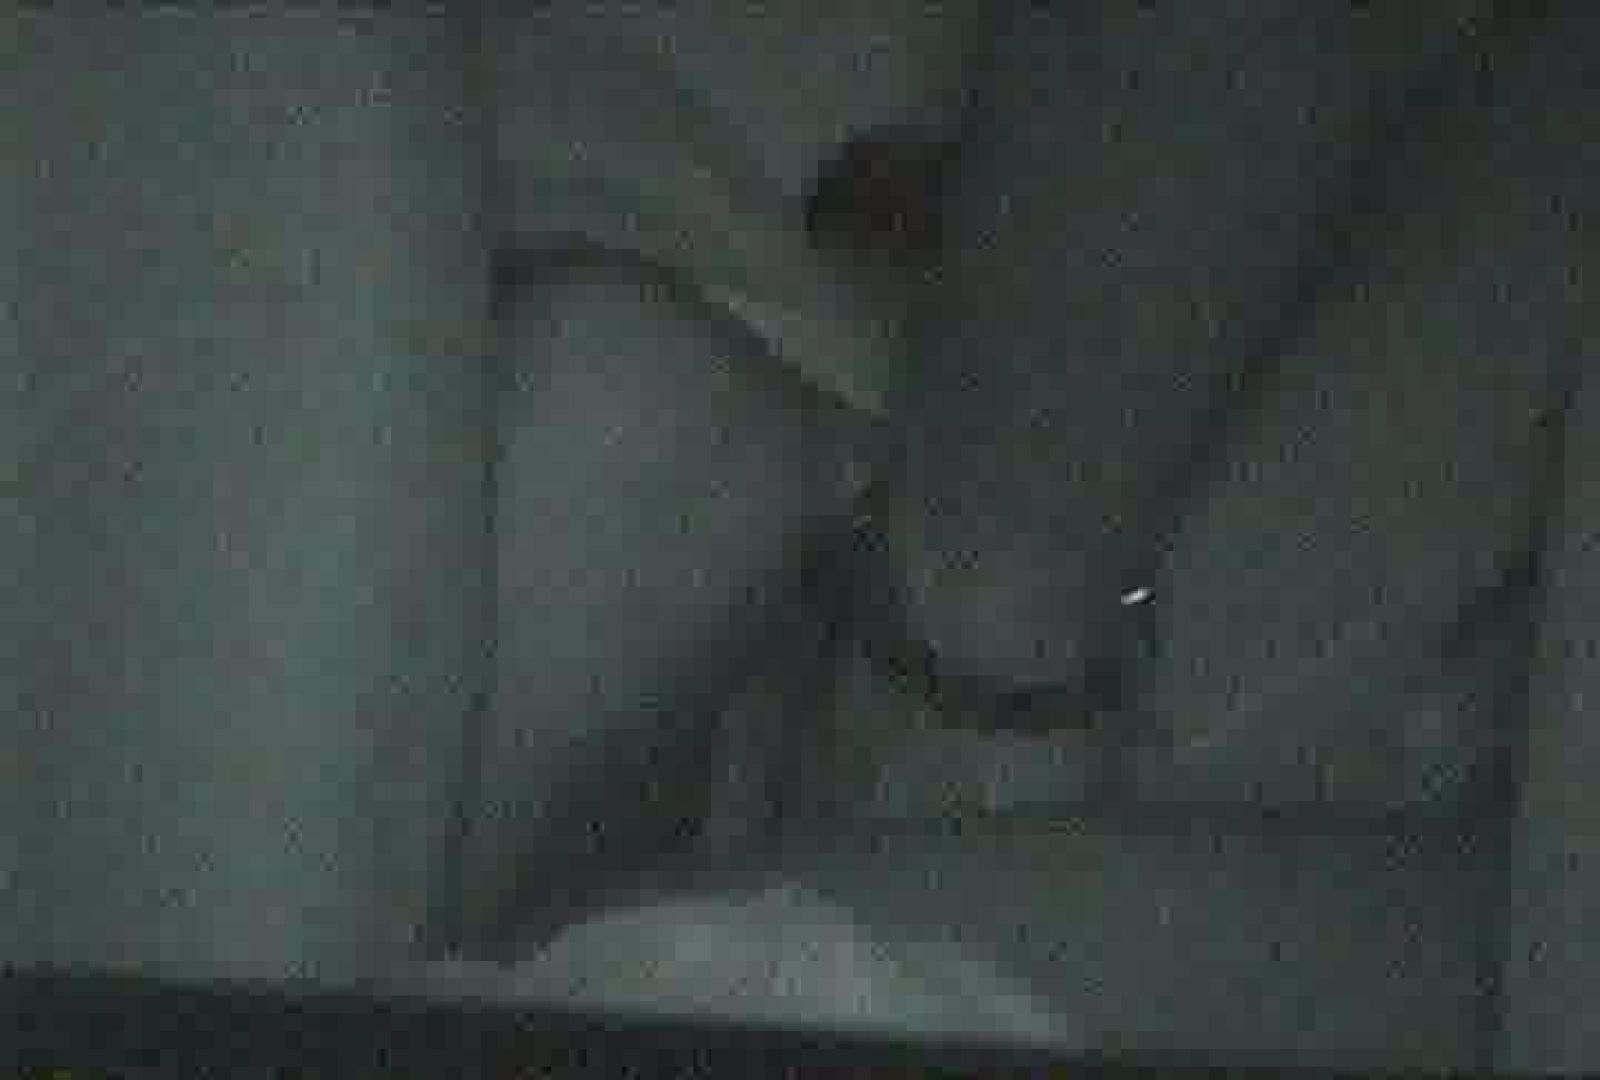 充血監督の深夜の運動会Vol.87 マンコ・ムレムレ | 美しいOLの裸体  83pic 3